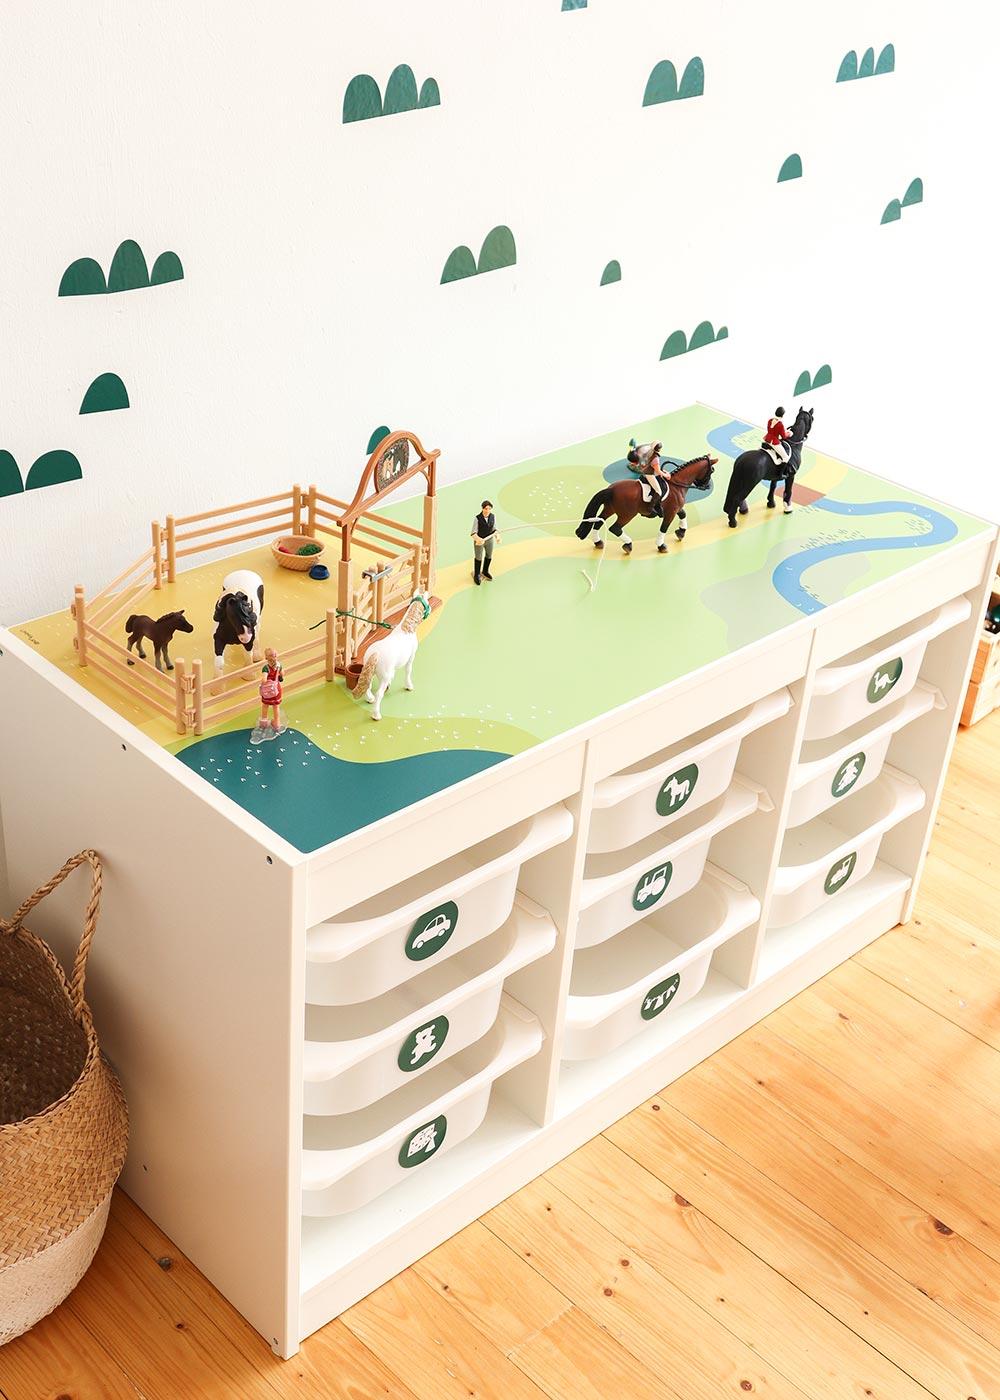 Ikea Trofast Regal Spielwiese Teilansicht mit Kulle